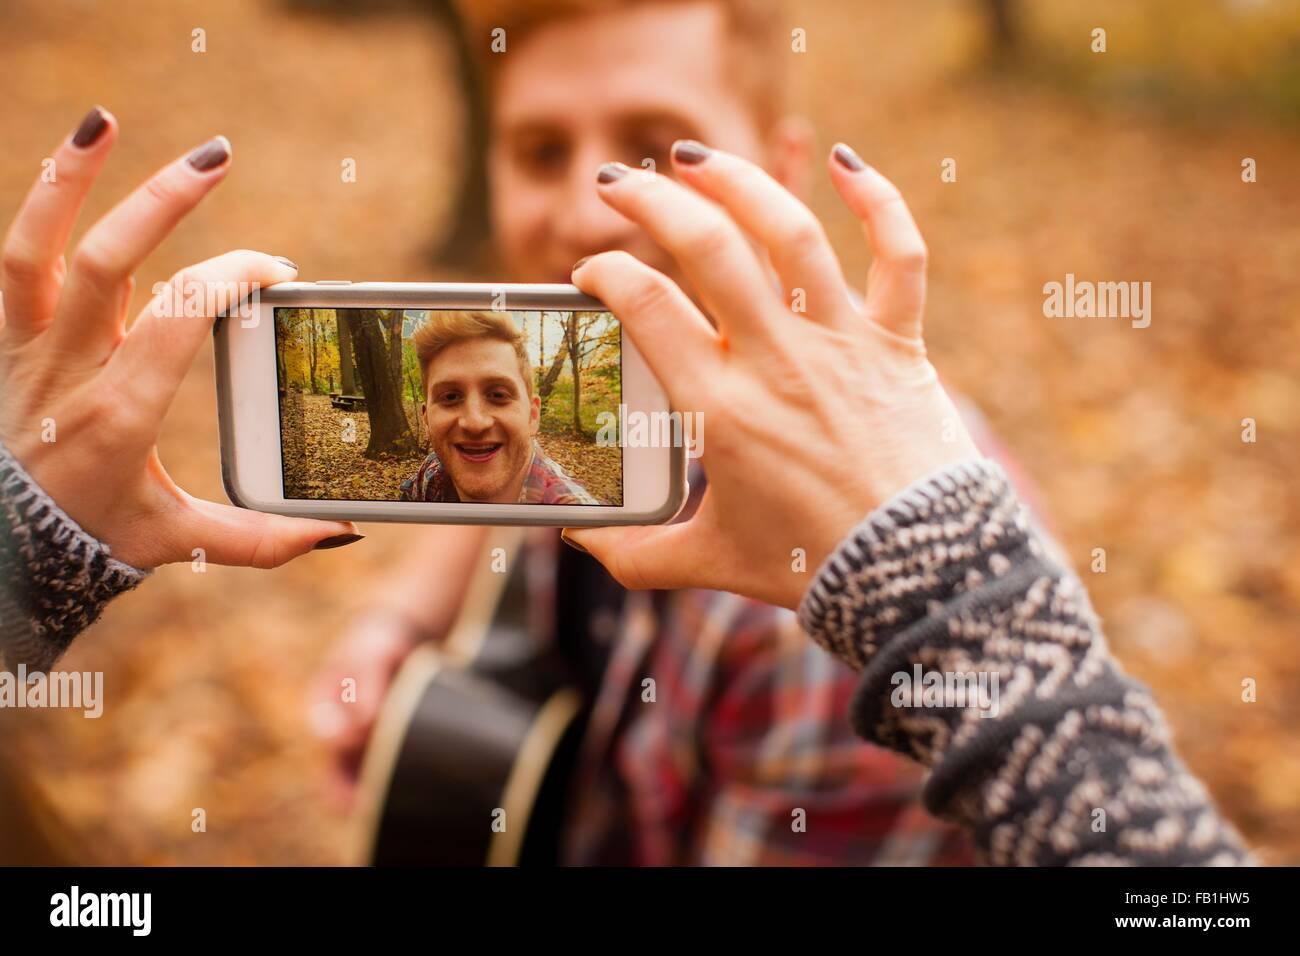 Manos de mujer joven fotografiar novio en smartphone en otoño bosque Imagen De Stock